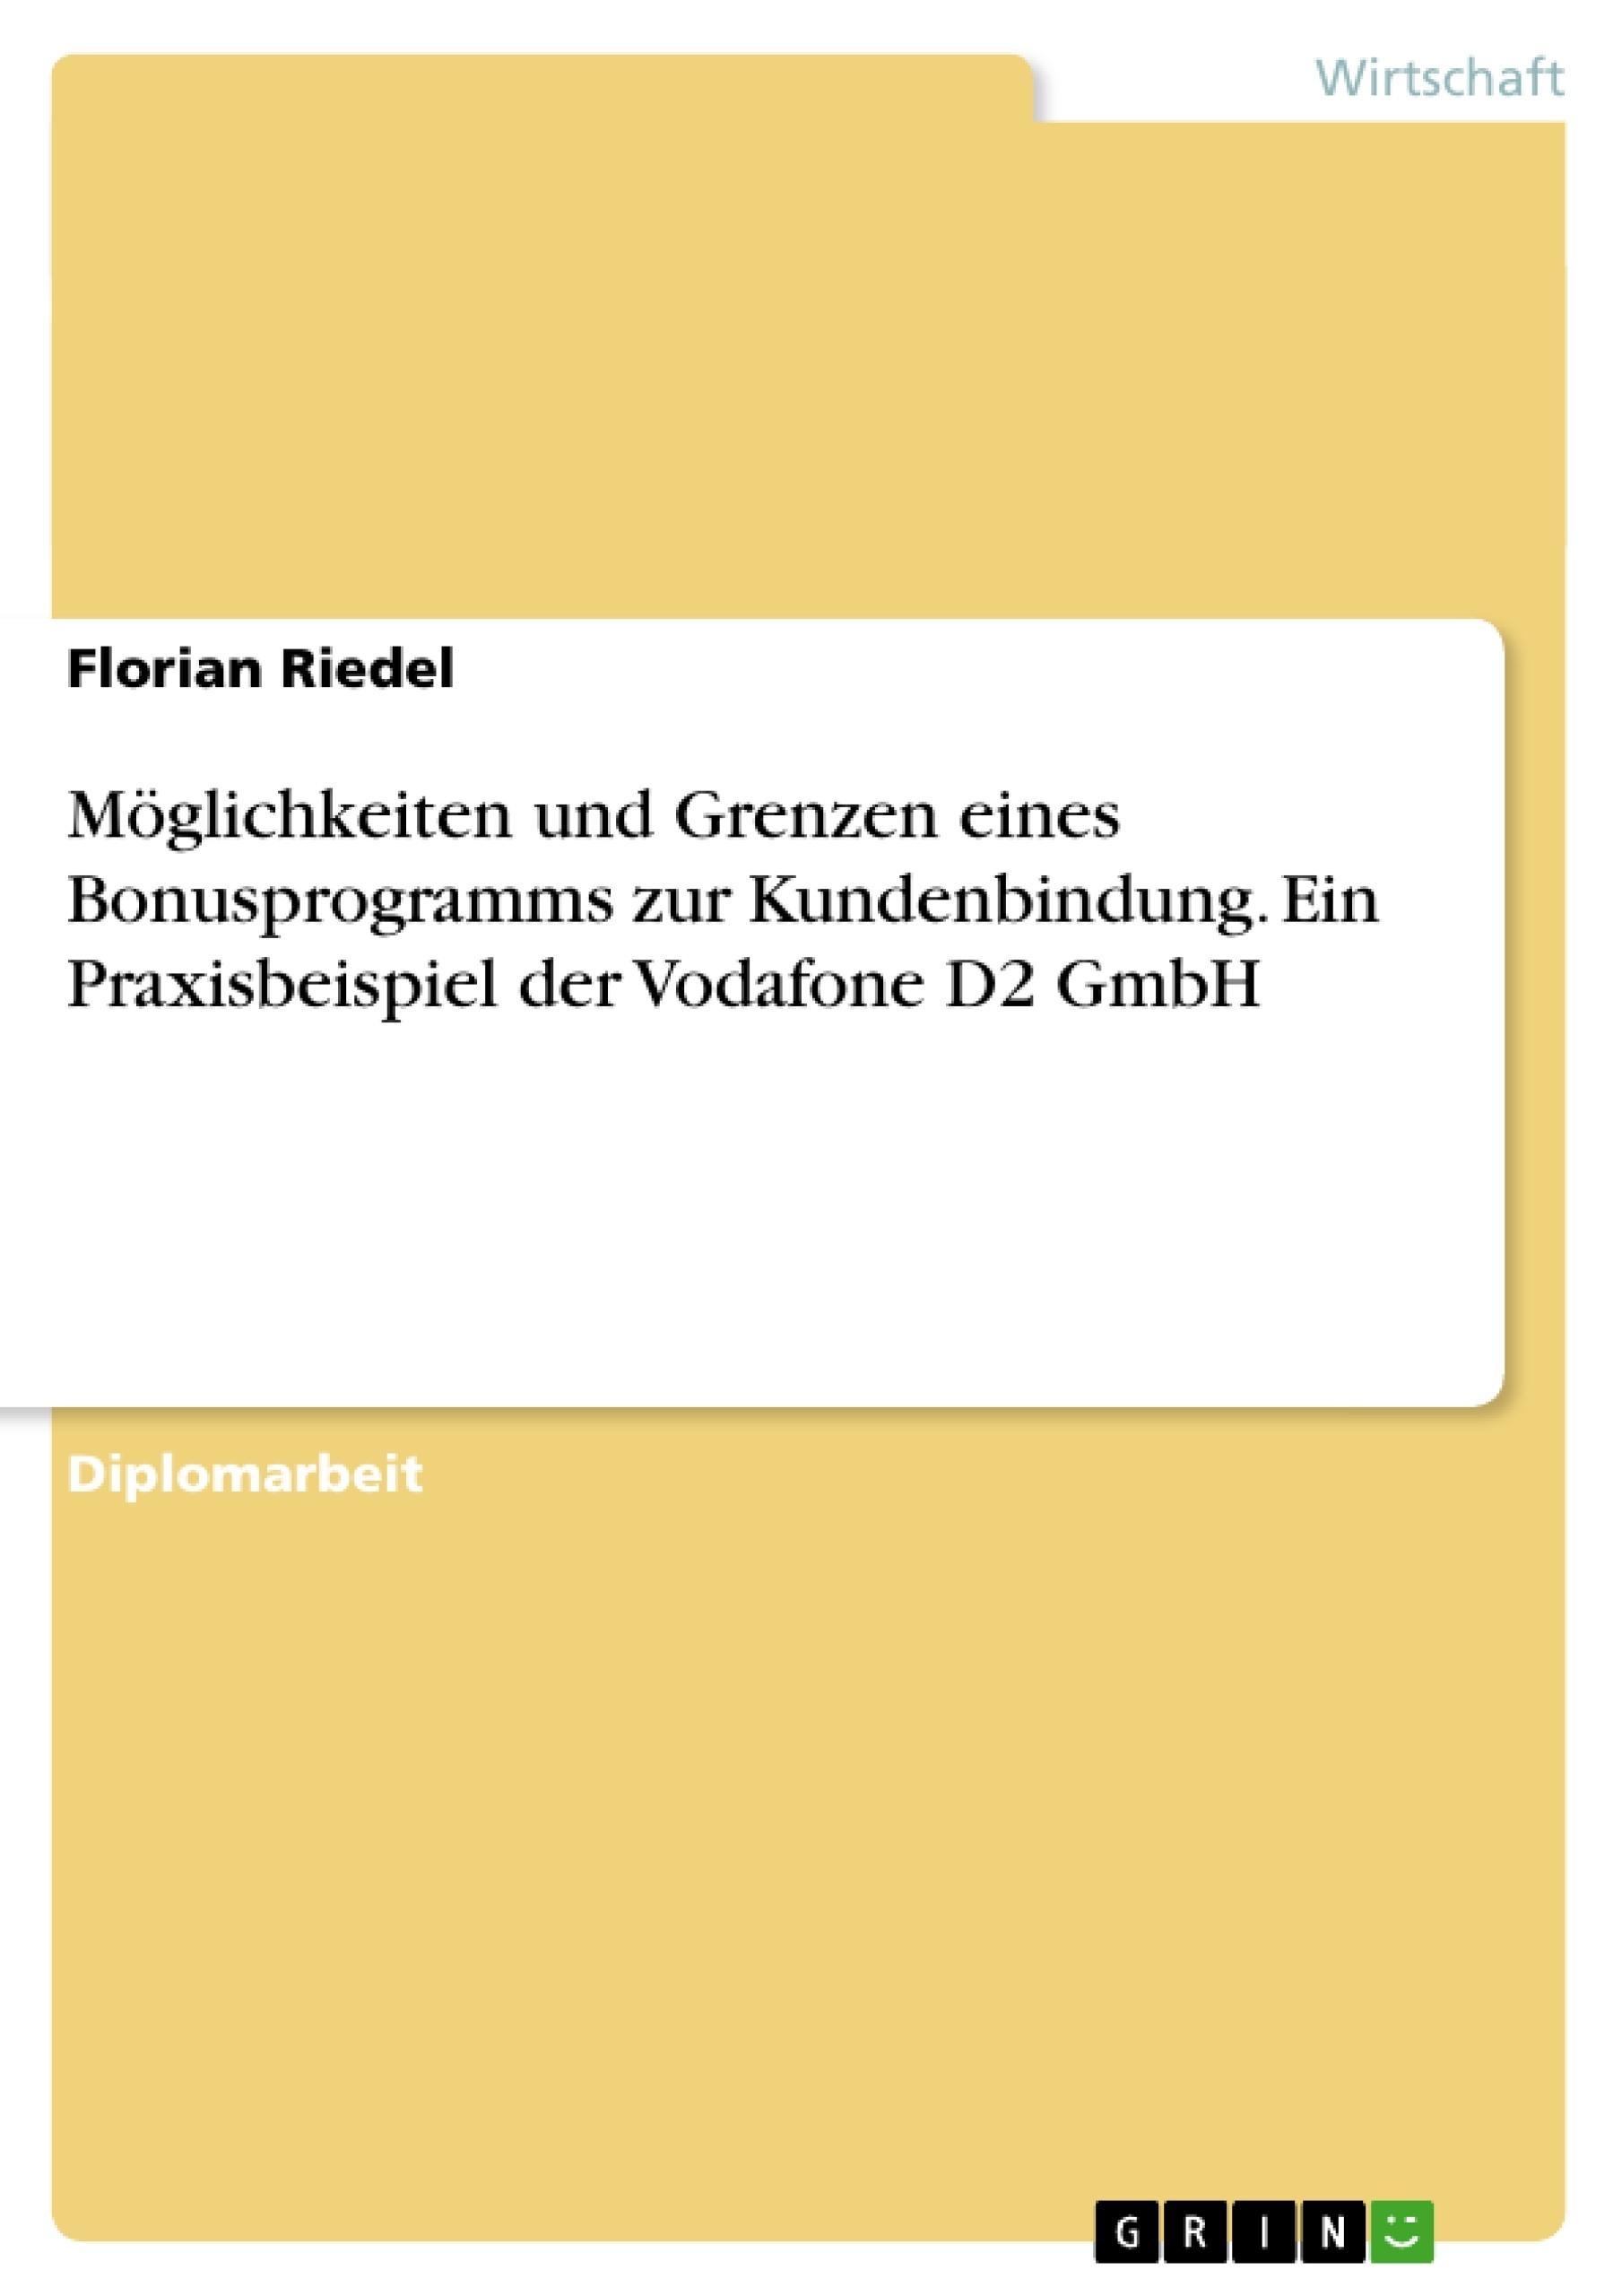 Titel: Möglichkeiten und Grenzen eines Bonusprogramms zur Kundenbindung. Ein Praxisbeispiel der Vodafone D2 GmbH